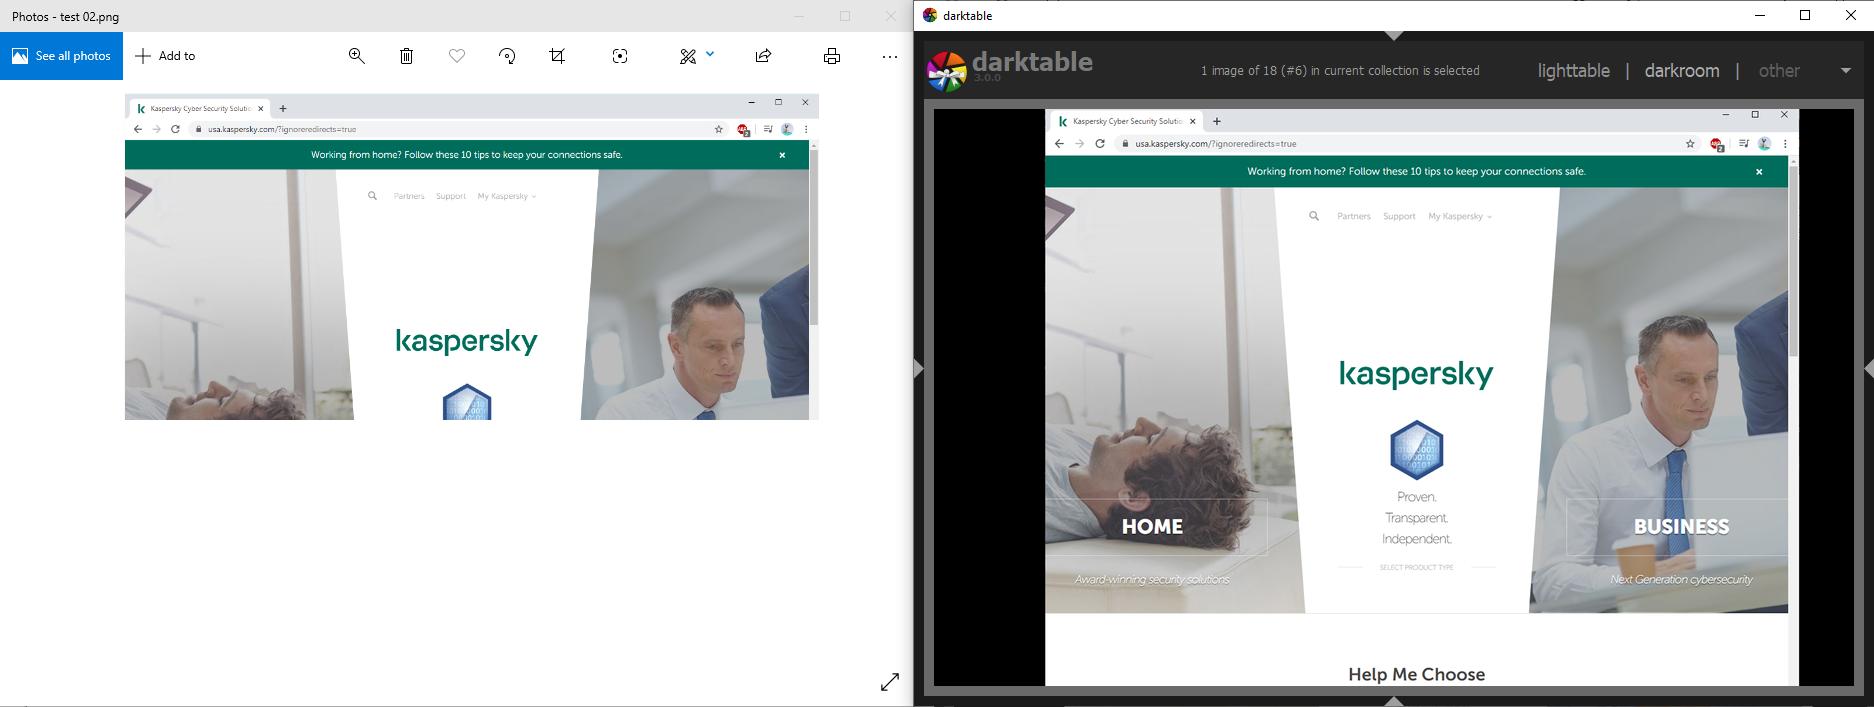 同じ写真を別のビューアーで開いたところ。画像の下部は非表示レイヤー内にあるが、darktableでは表示されている